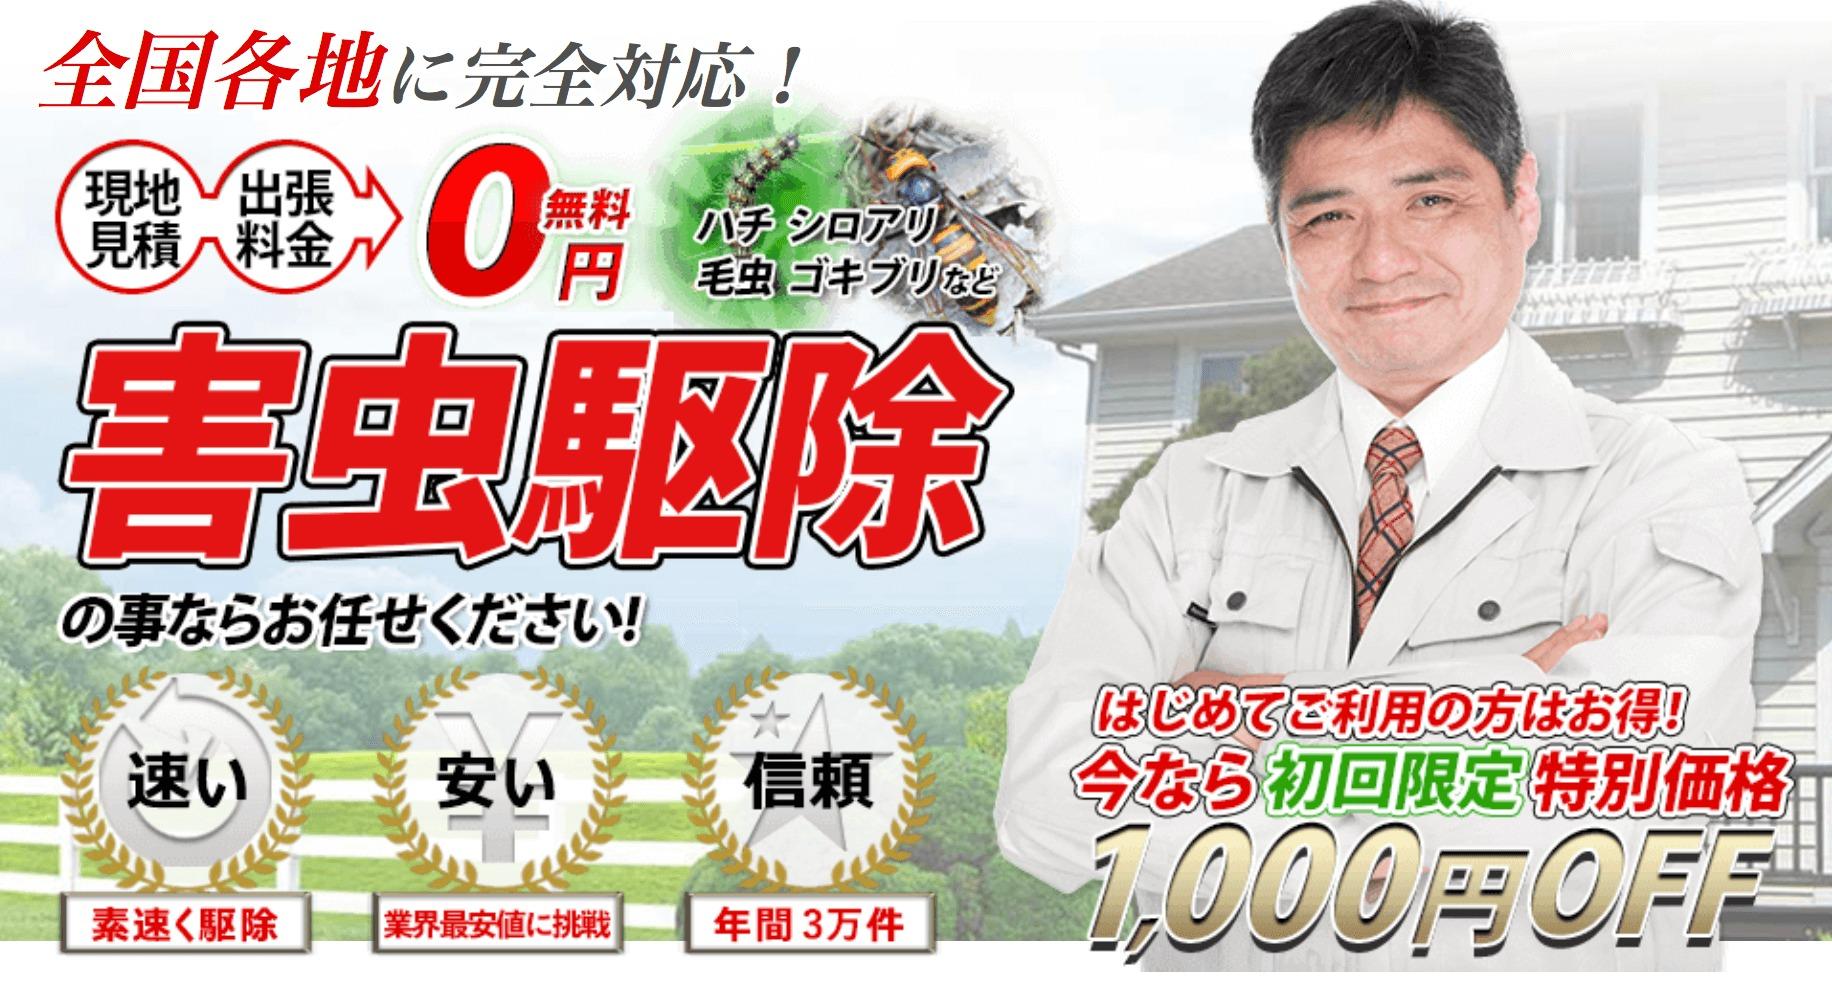 【ムシプロテックの口コミ評判】詐欺業者じゃないか徹底調査!